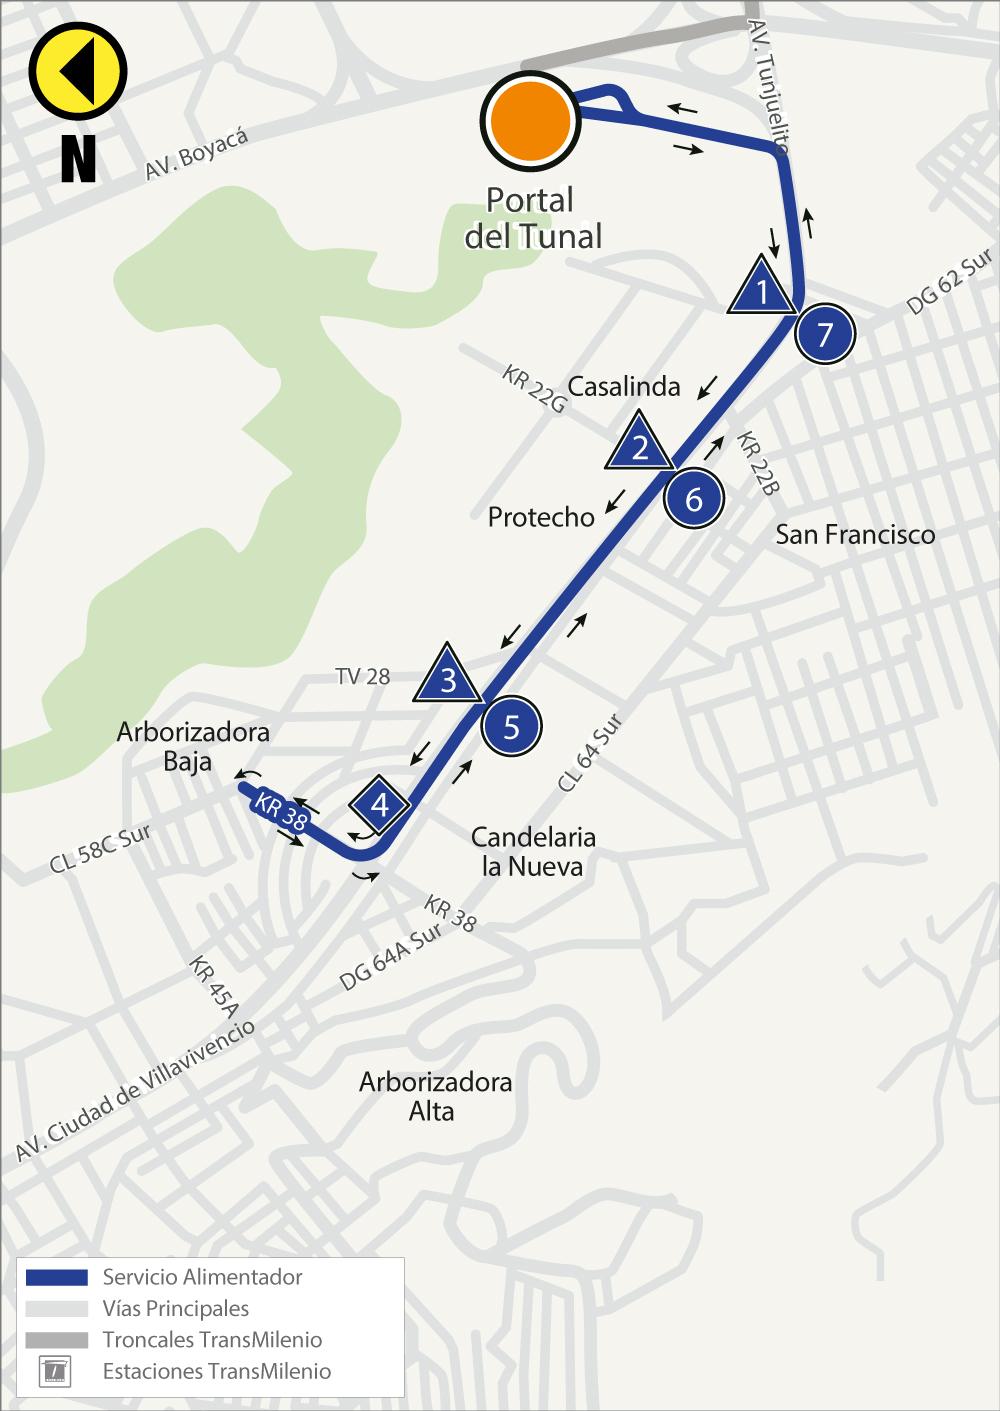 Rutas Alimentadoras 6 1 6 1c 6 3 Y 6 6 Del Portal Tunal Modifican Sus Recorridos